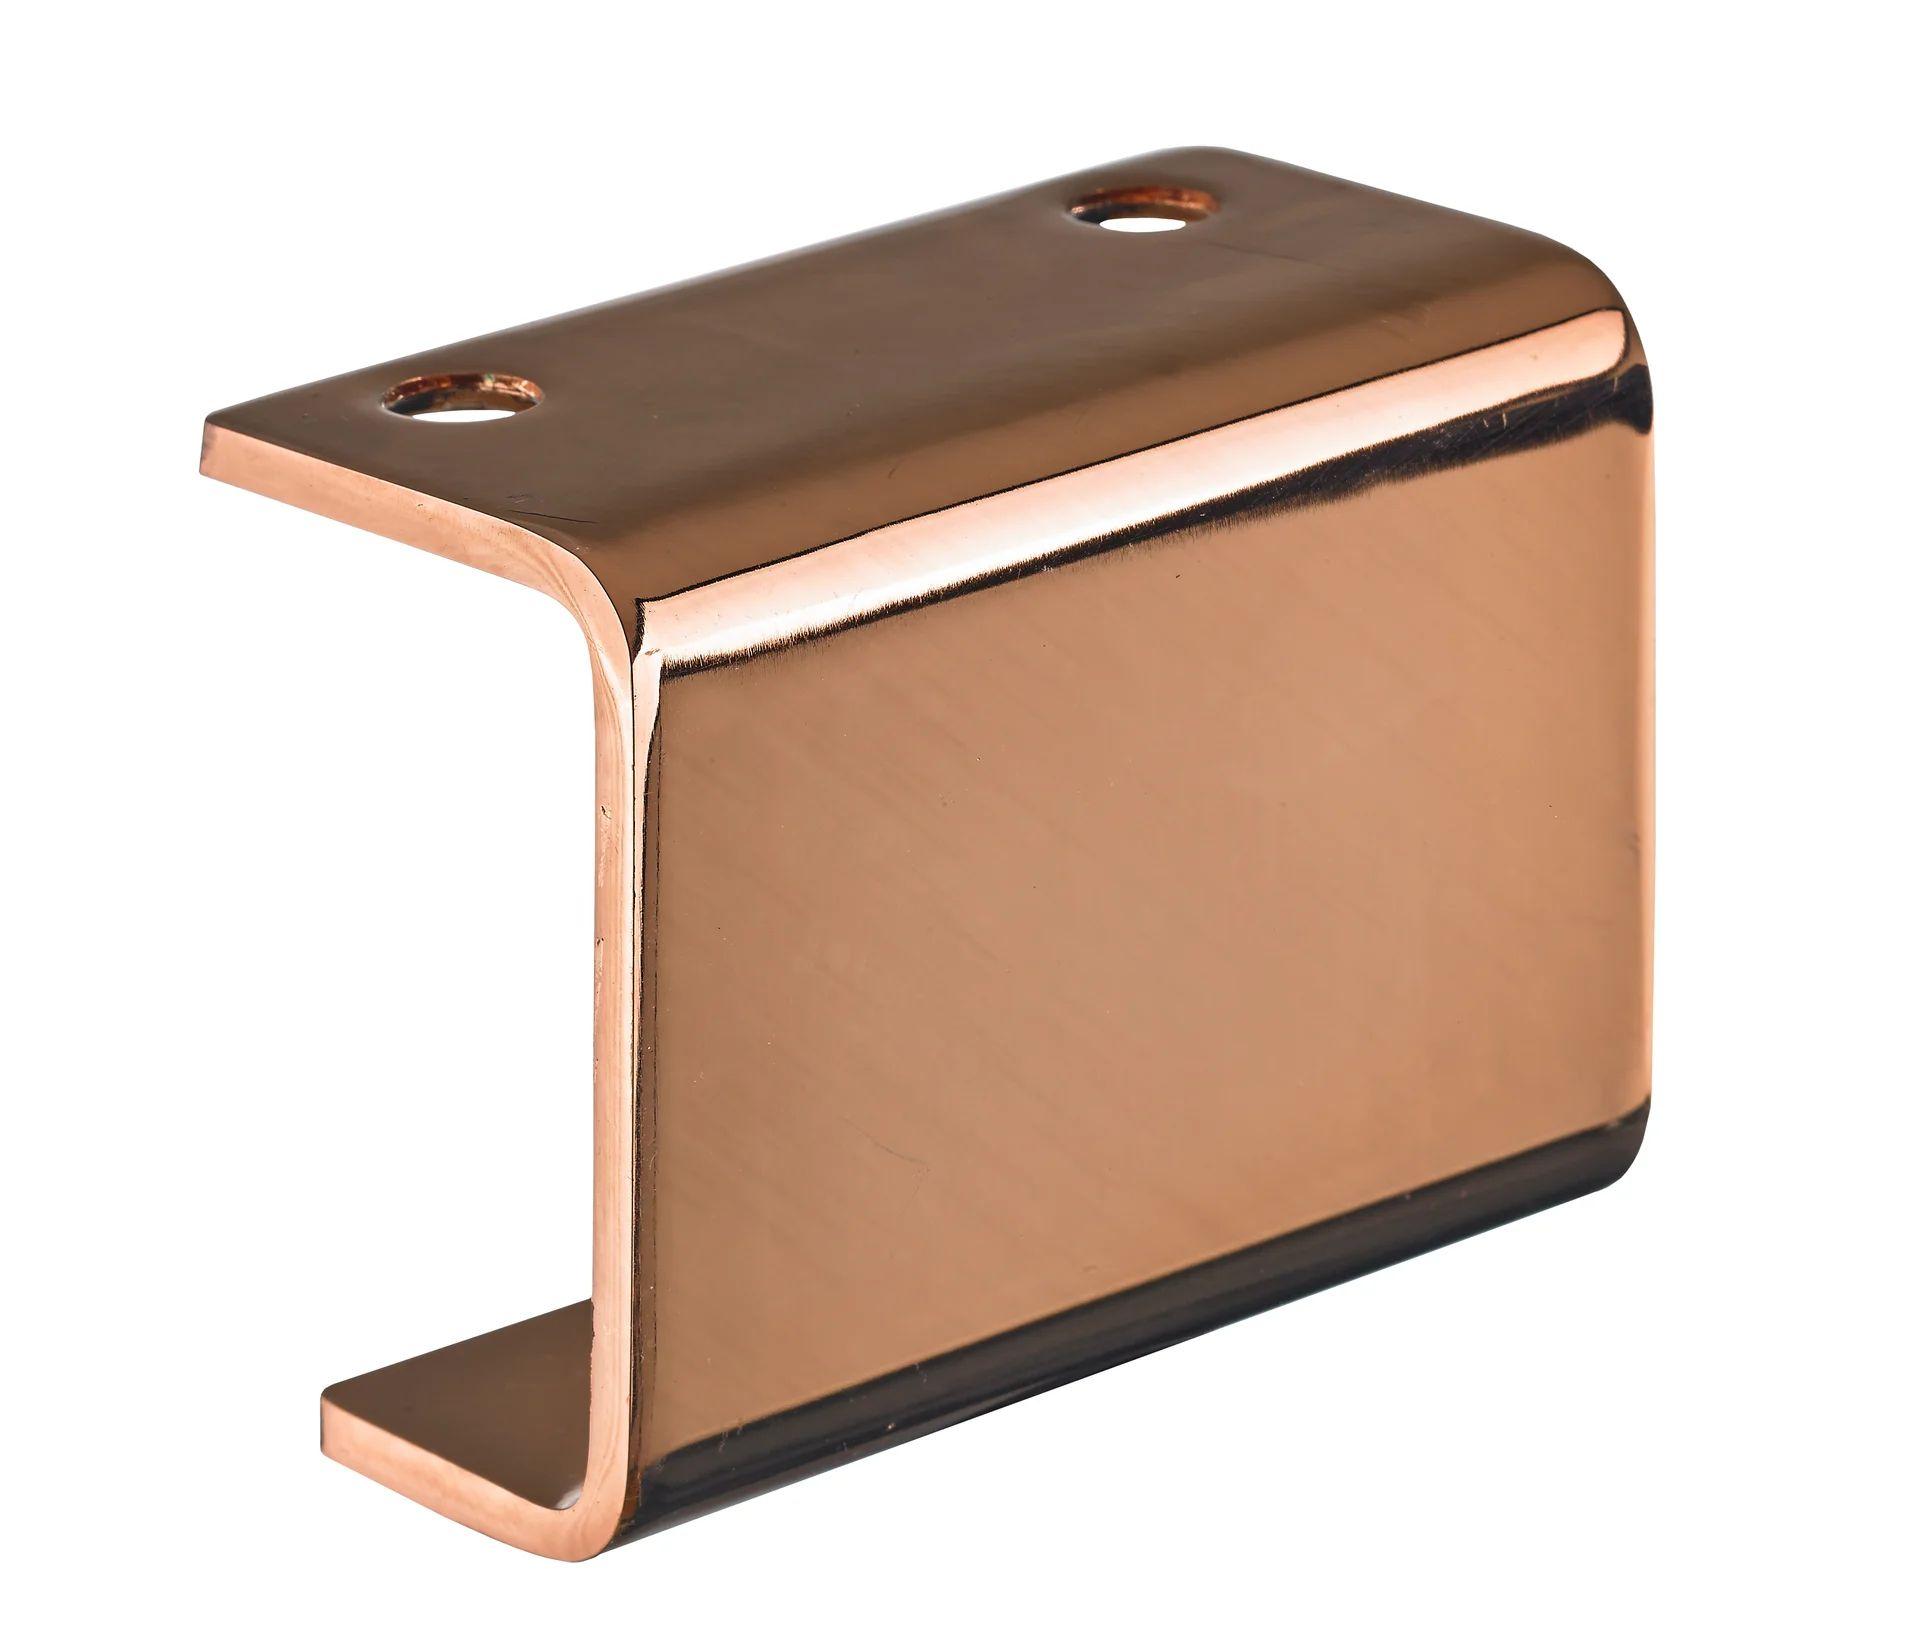 pied pour meuble table basse design fixe a visser acier cuivre 7cm